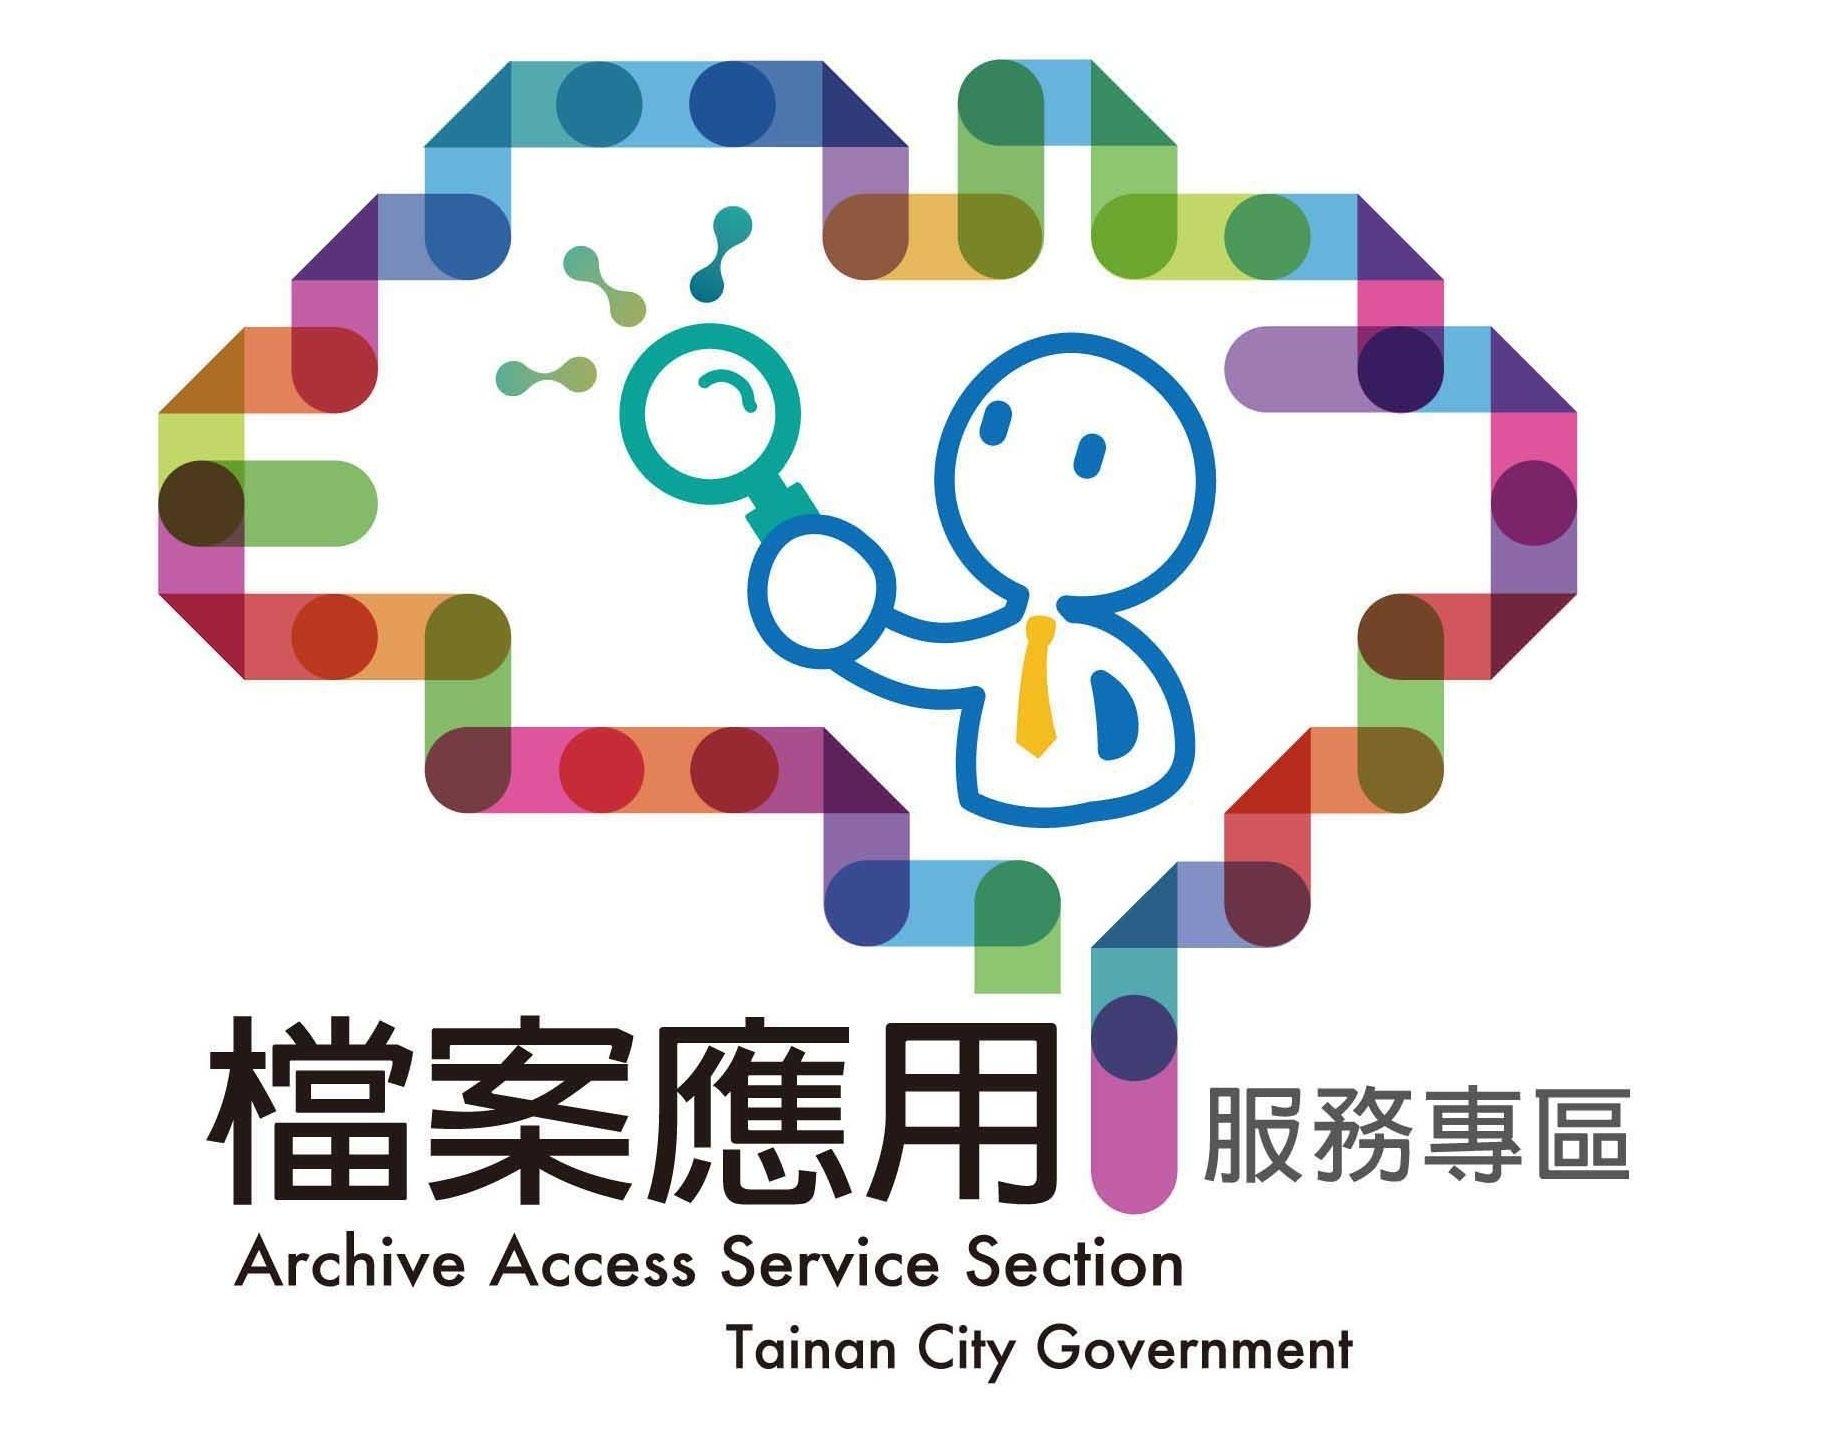 臺南市政府檔案應用專區logo